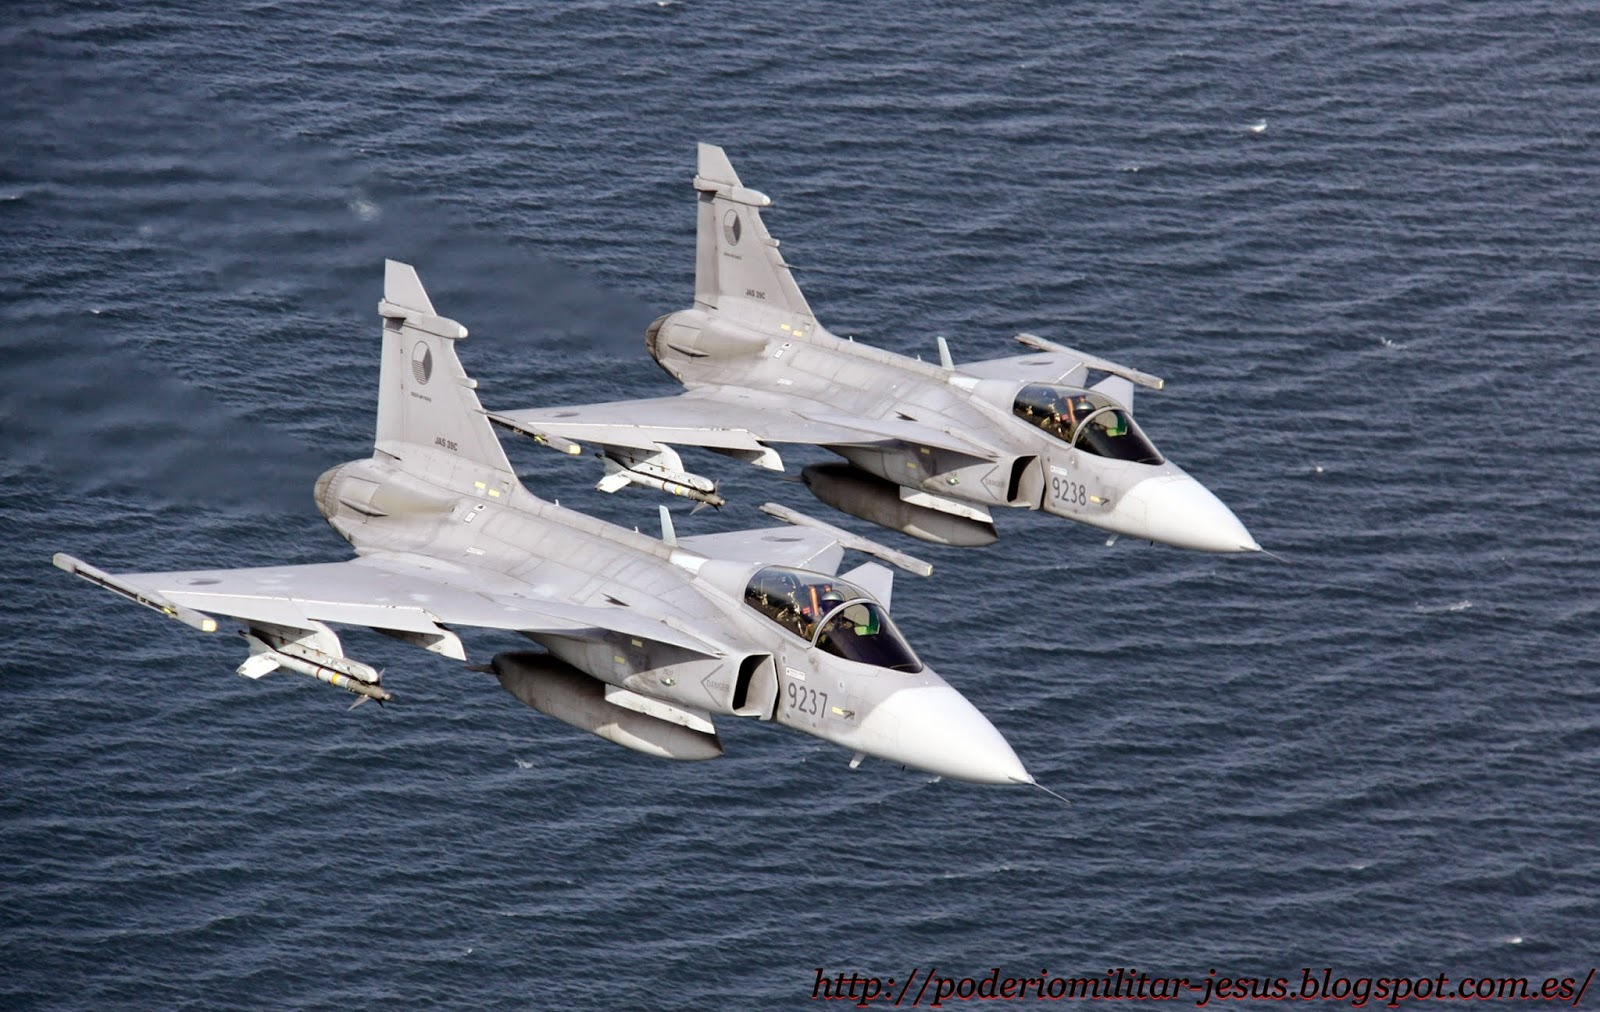 Programa FX-2 de la FAB noticias, comentarios, fotos, videos - Página 4 Saab-gripen1